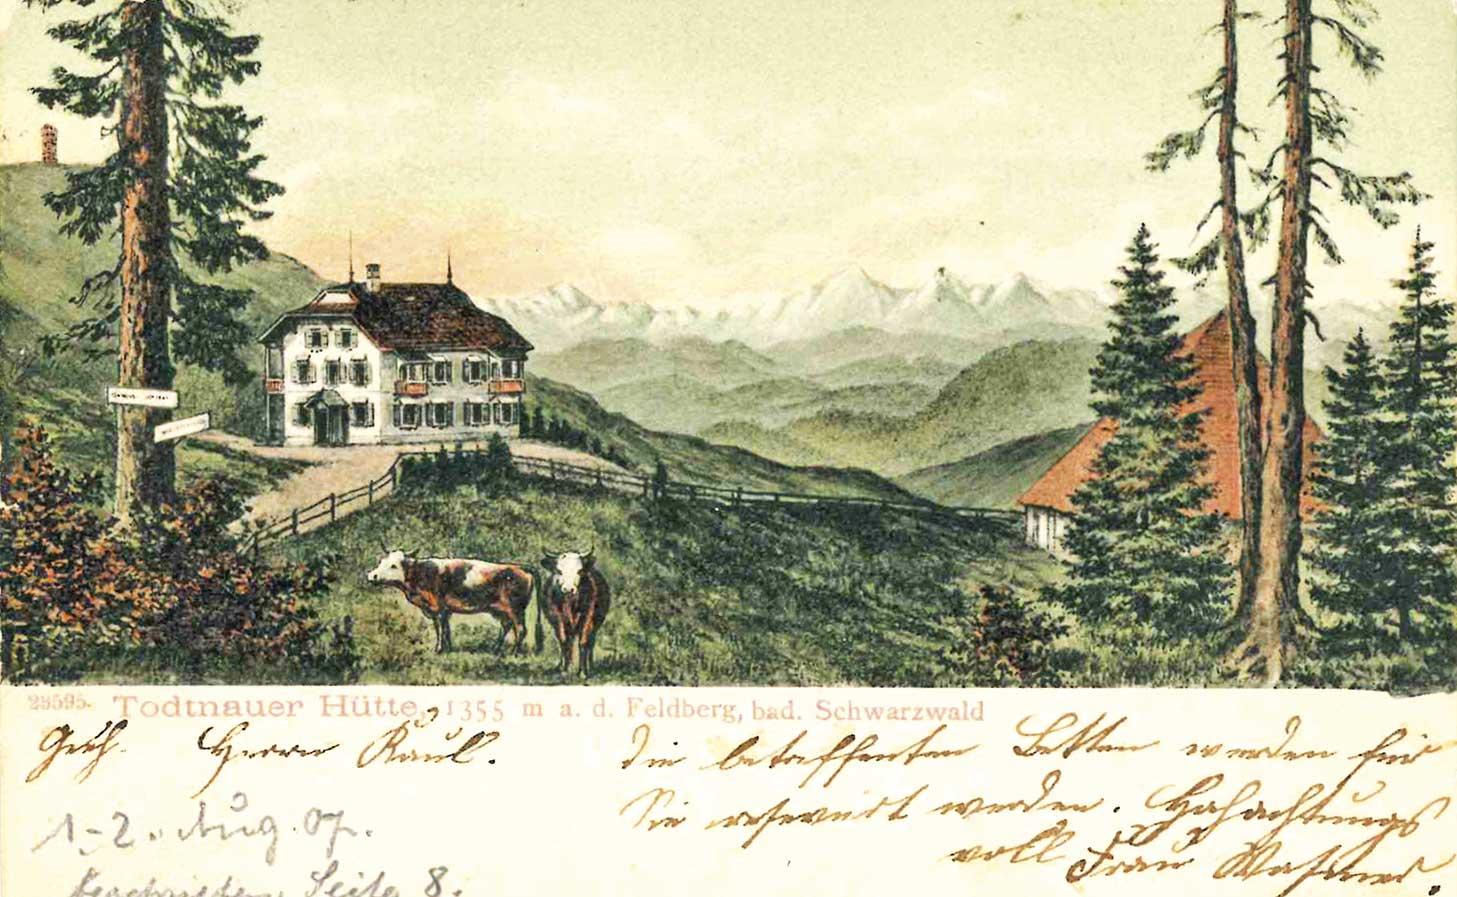 Die Todtnauer Hütte